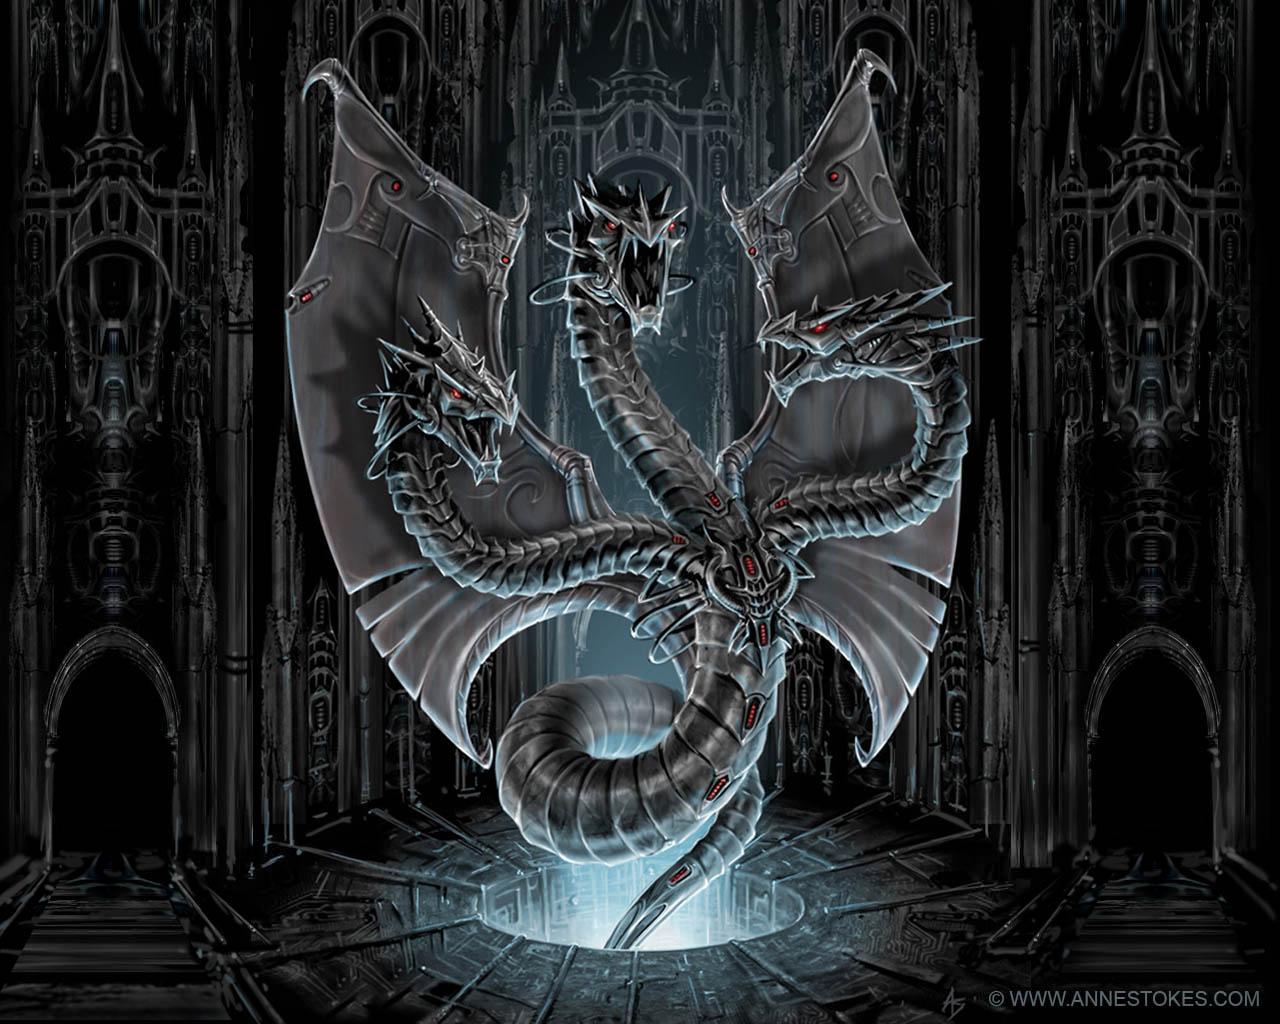 Hydrolic Hydra wallpaper by Ironshod